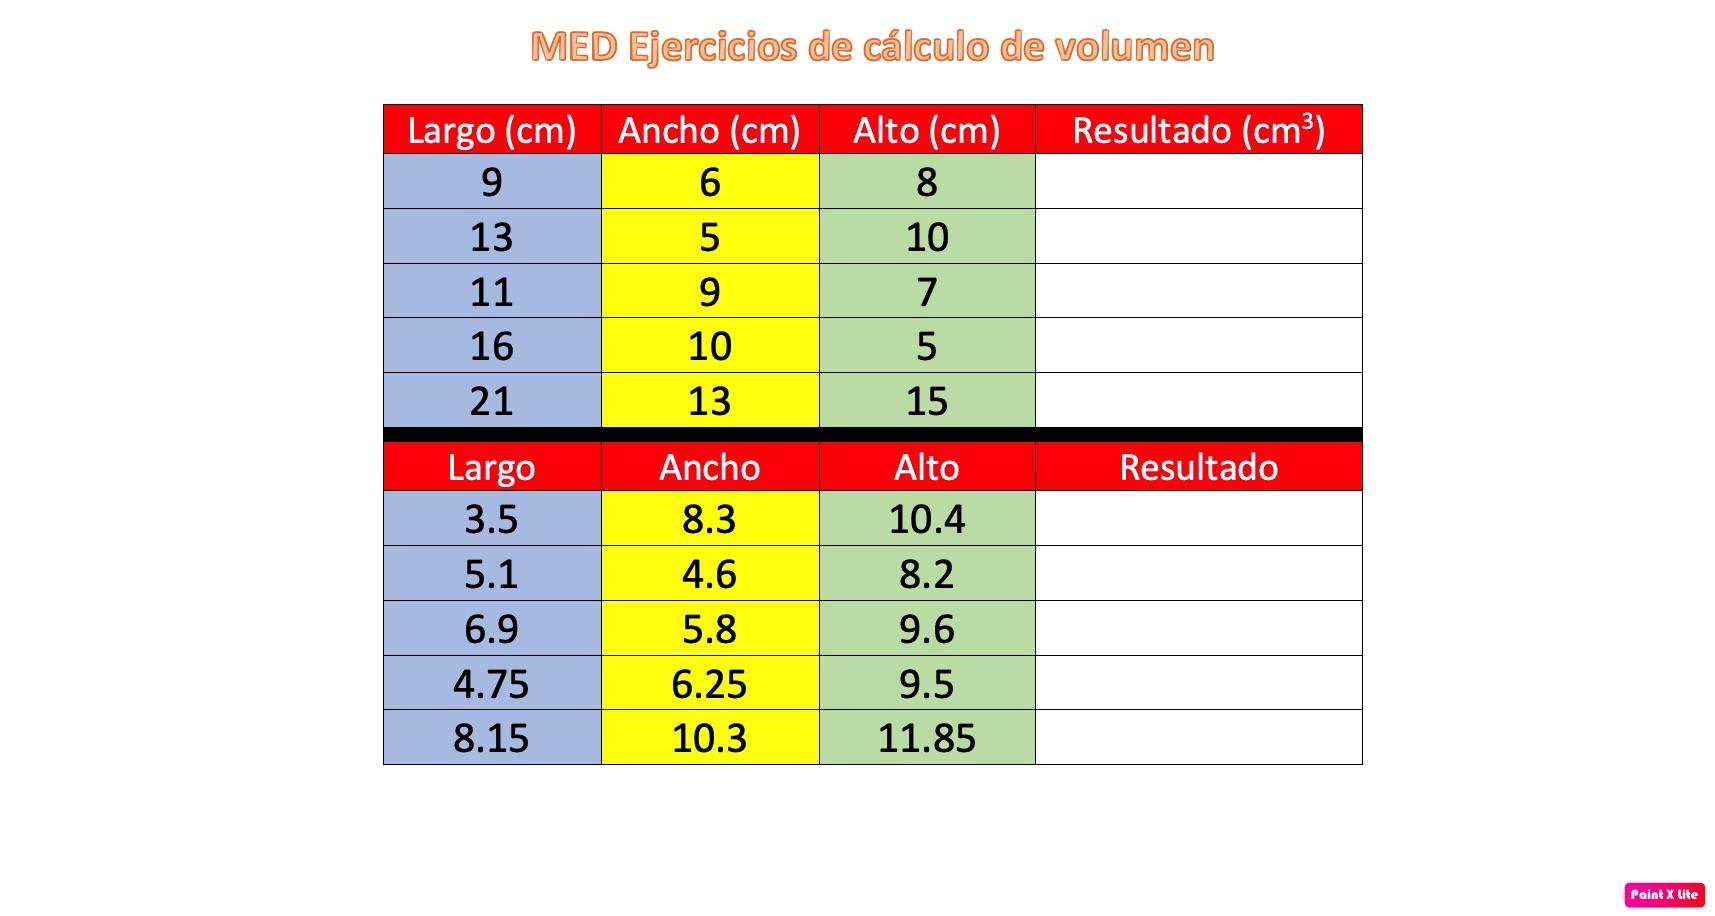 Ejercicio+de+ca%CC%81lculo+de+volumen.jpg